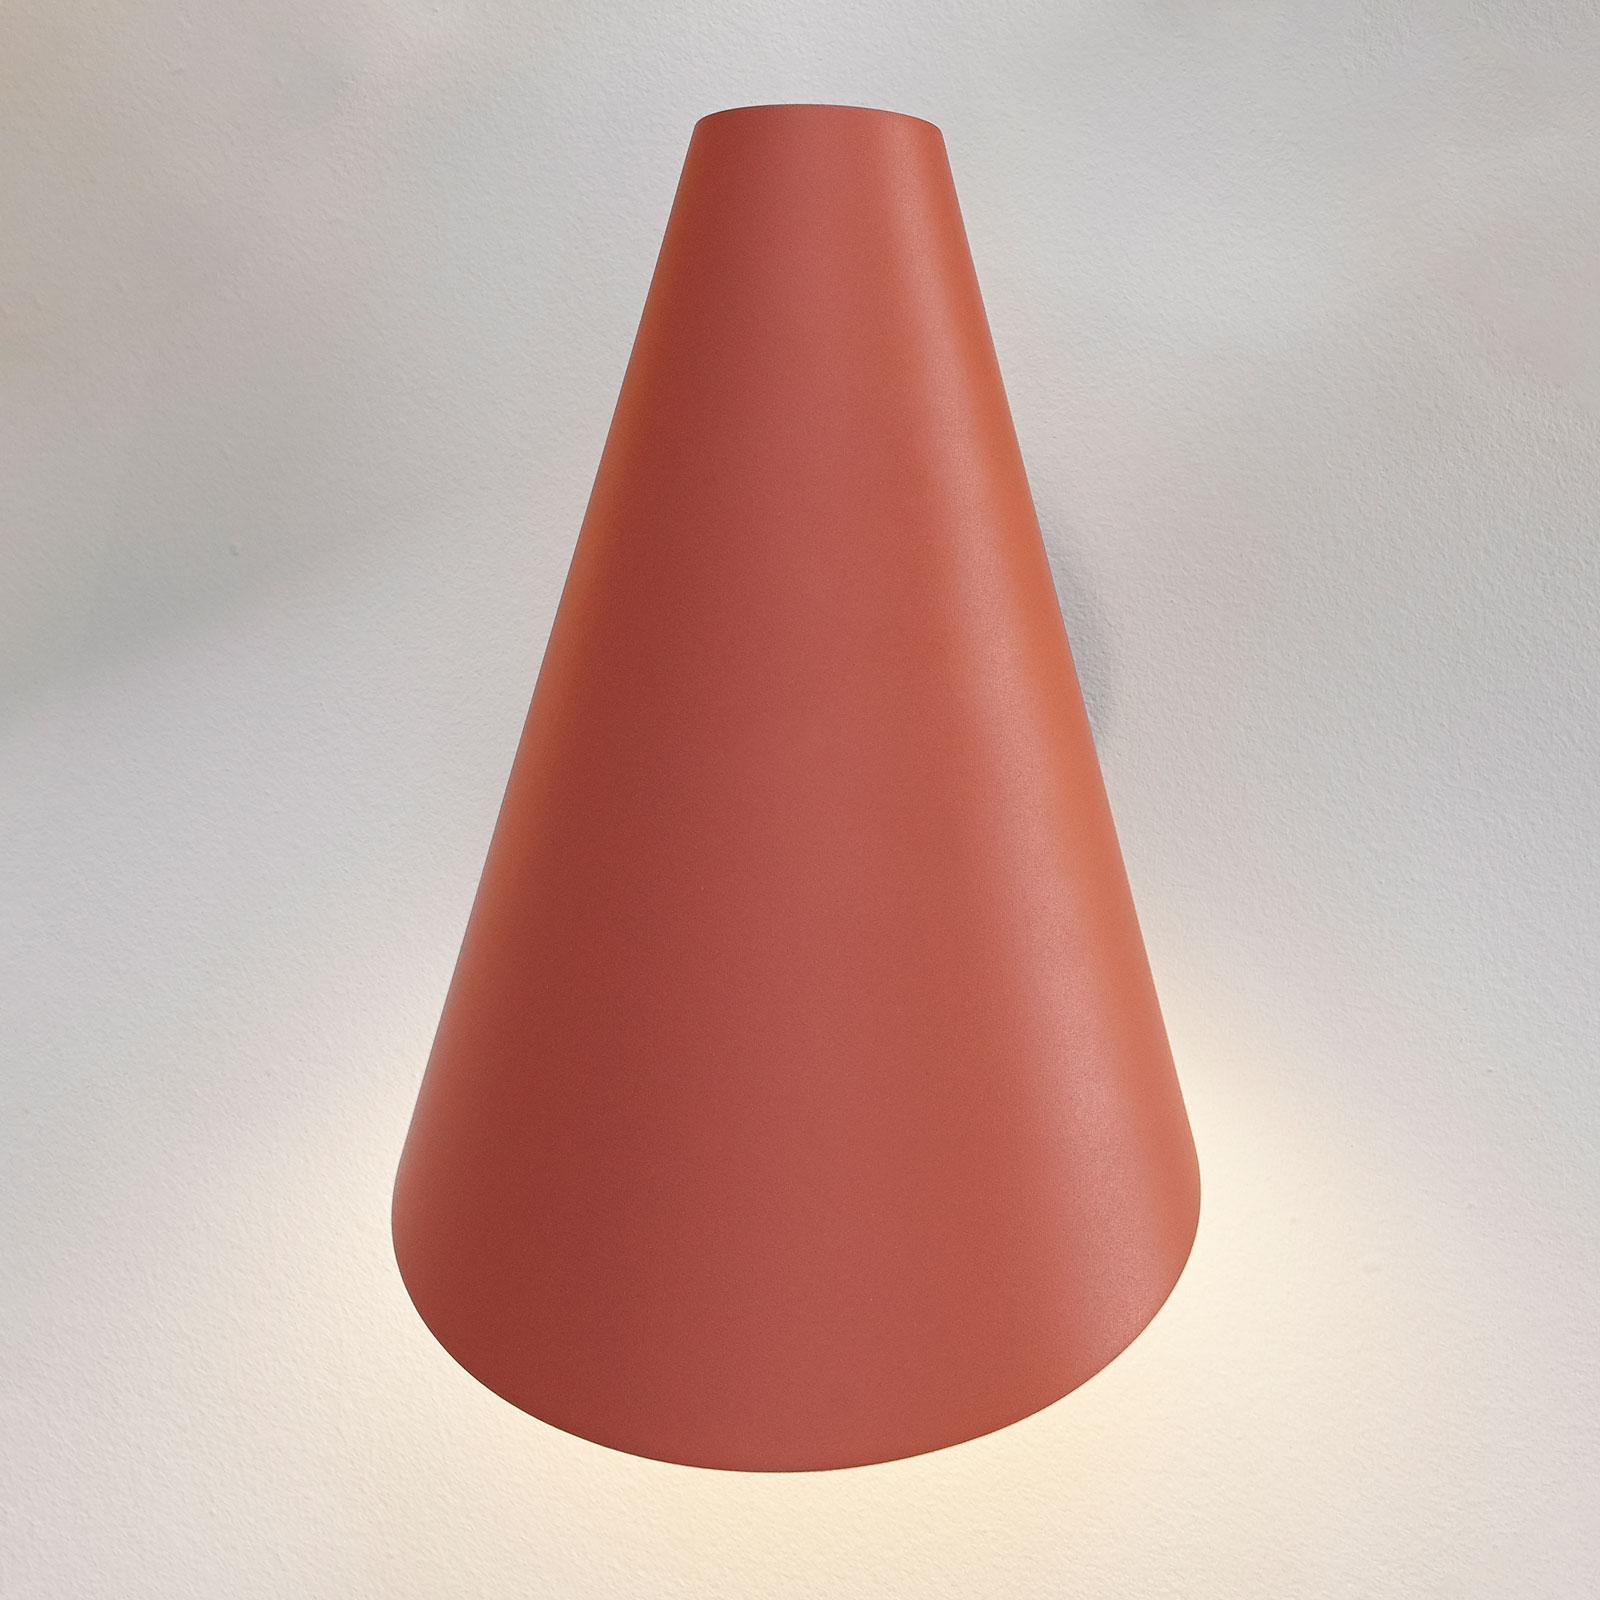 Vibia I.Cono 0720 seinävalaisin, 28 cm, punaruskea